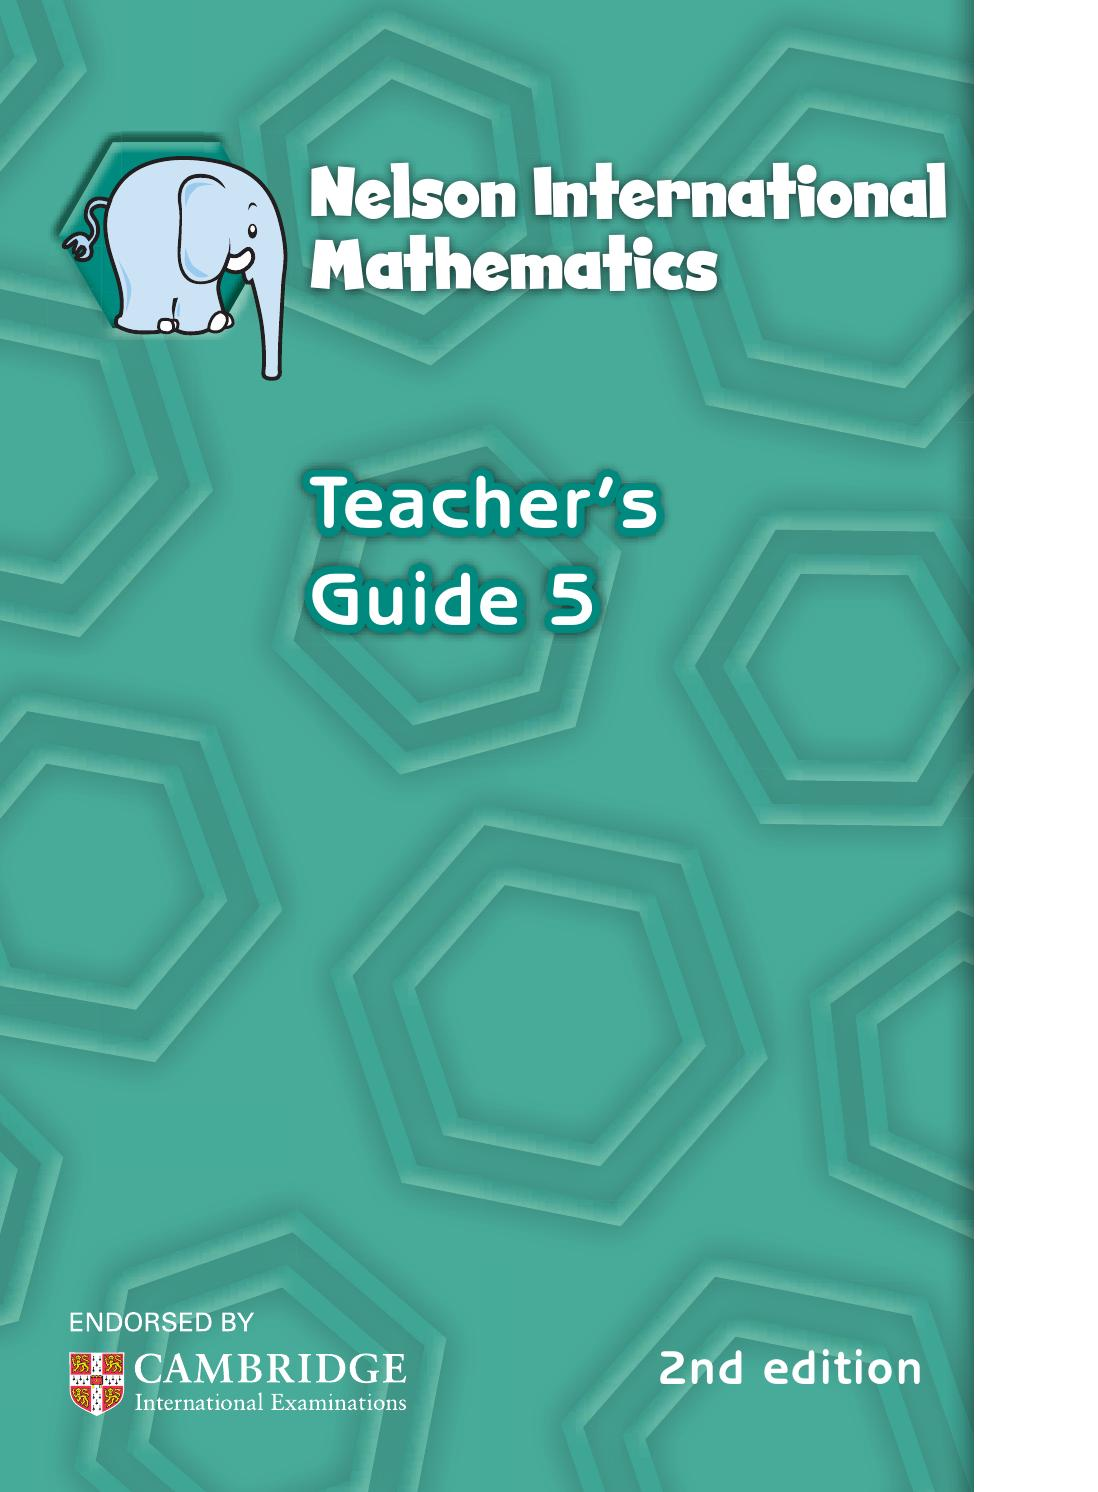 Worksheet Online Math Workbook worksheet nelson math workbook grade 5 mikyu free 10 online textbook science 8 chalk worksheet